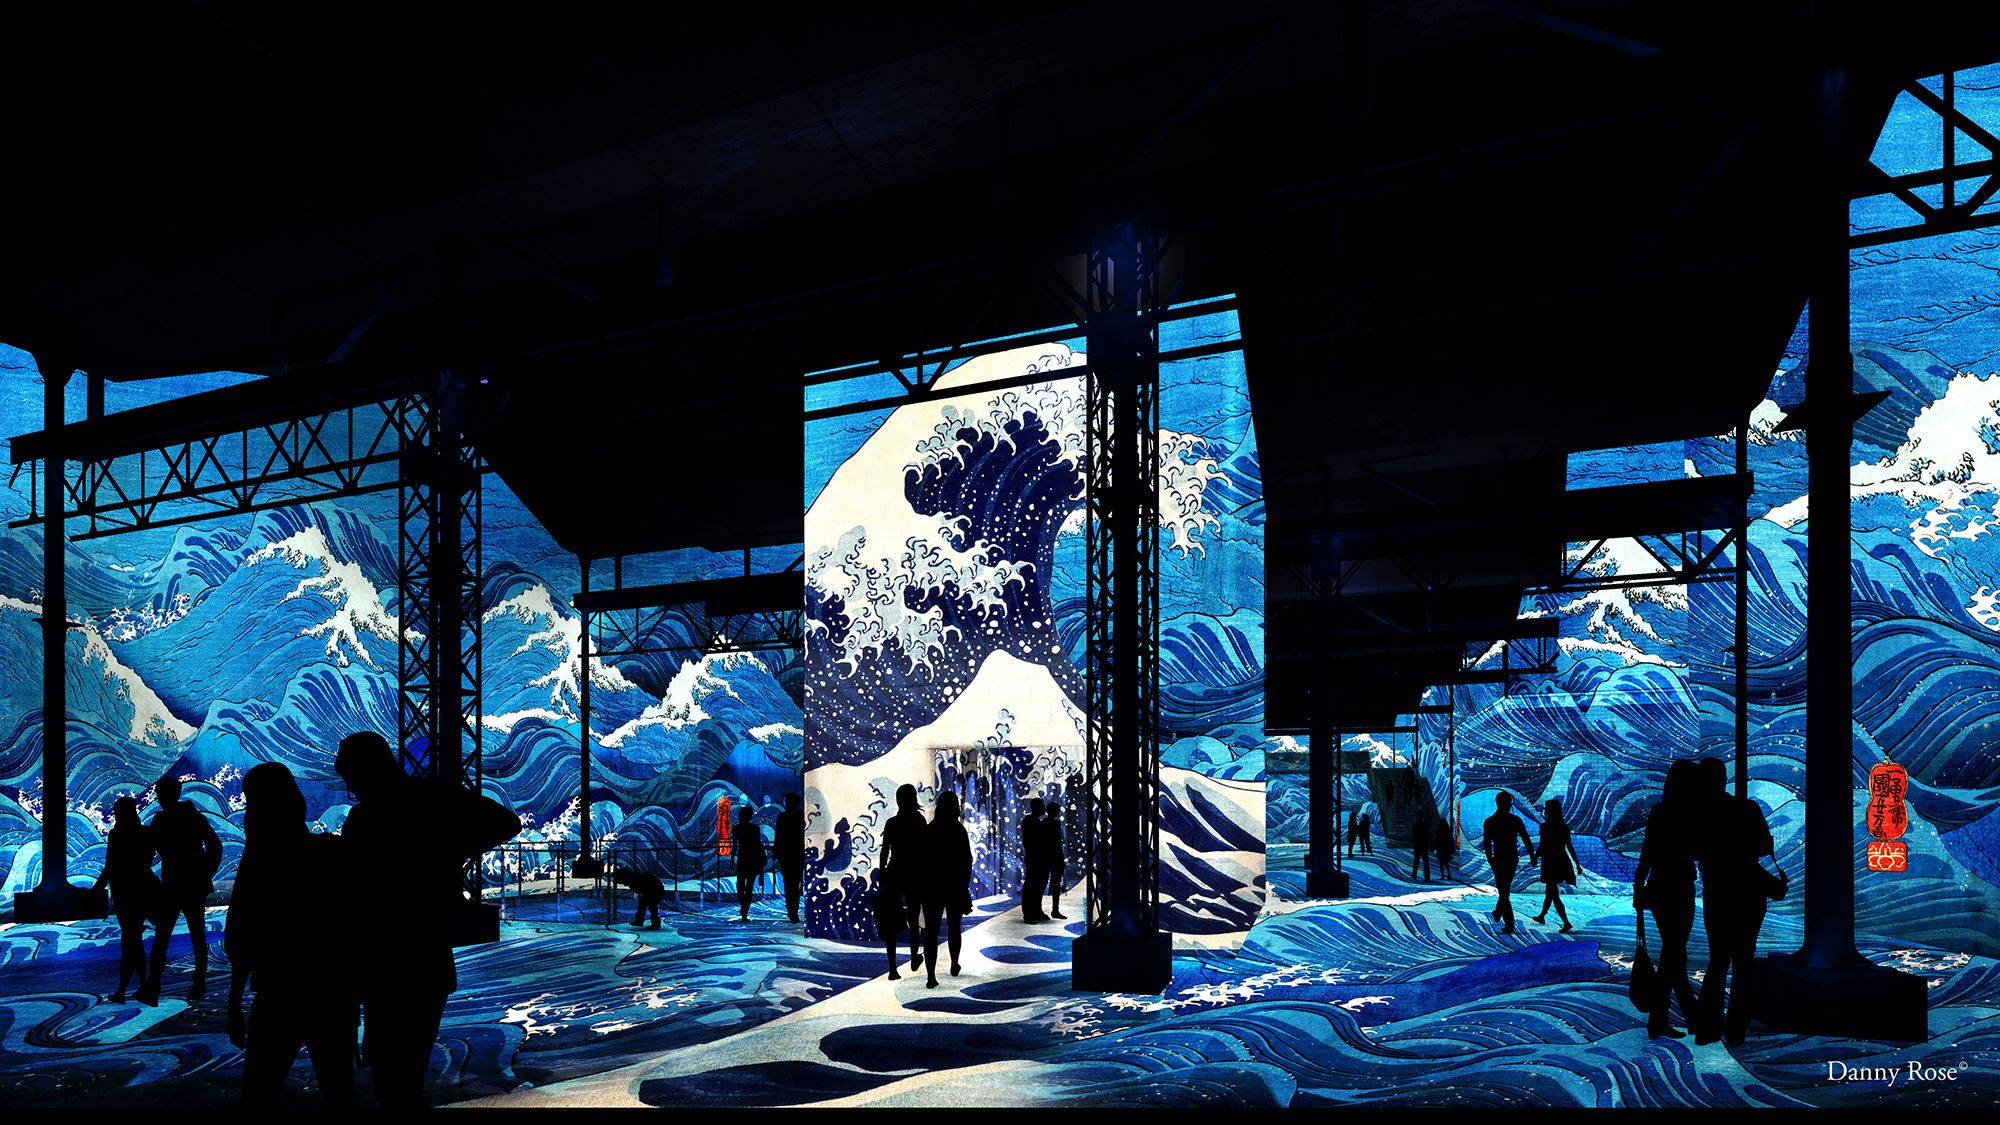 Japon Révé - Images du monde Flottant - Atelier des Lumière Paris